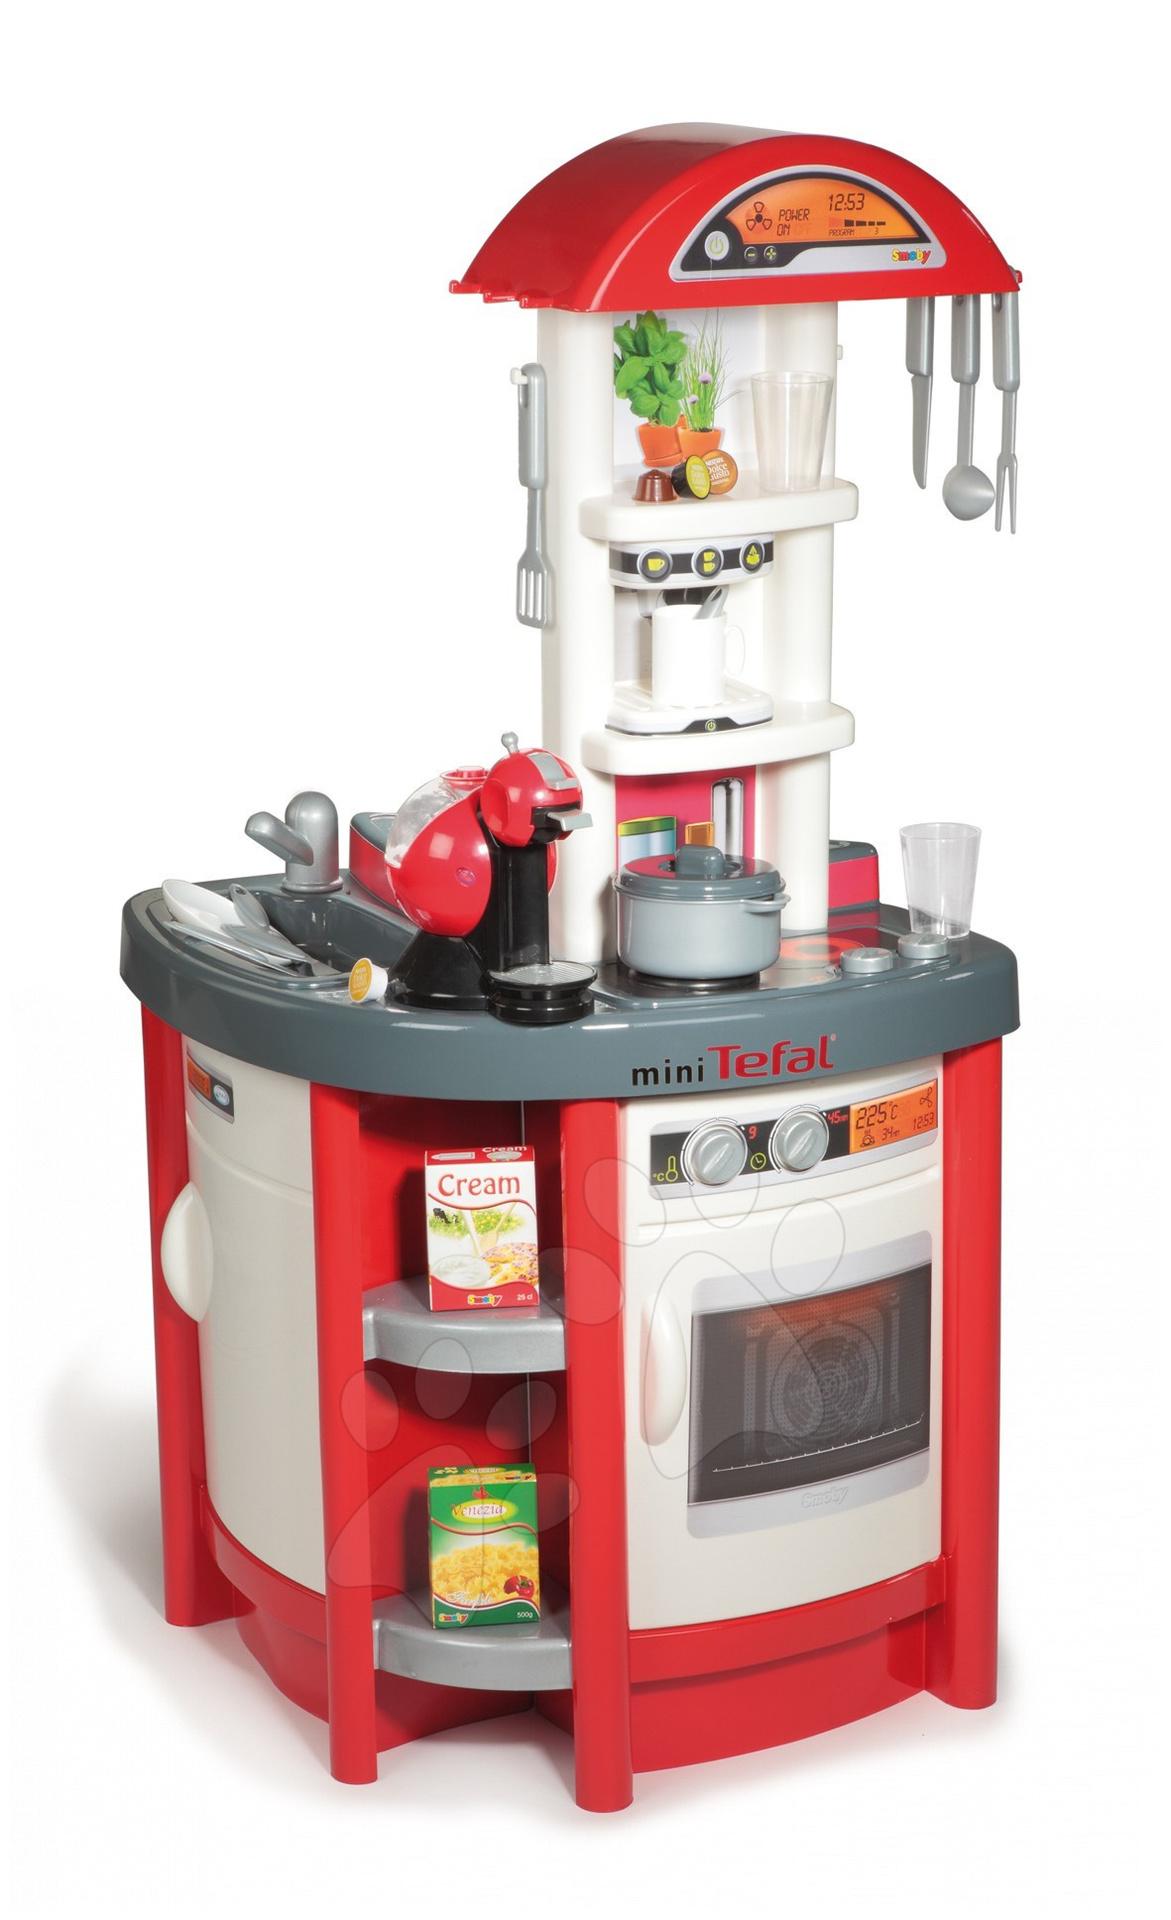 Kuchynka Studio Tefal Kitchen Smoby s kávovarom Dolce Gusto 99 cm vysoká s 19 doplnkami